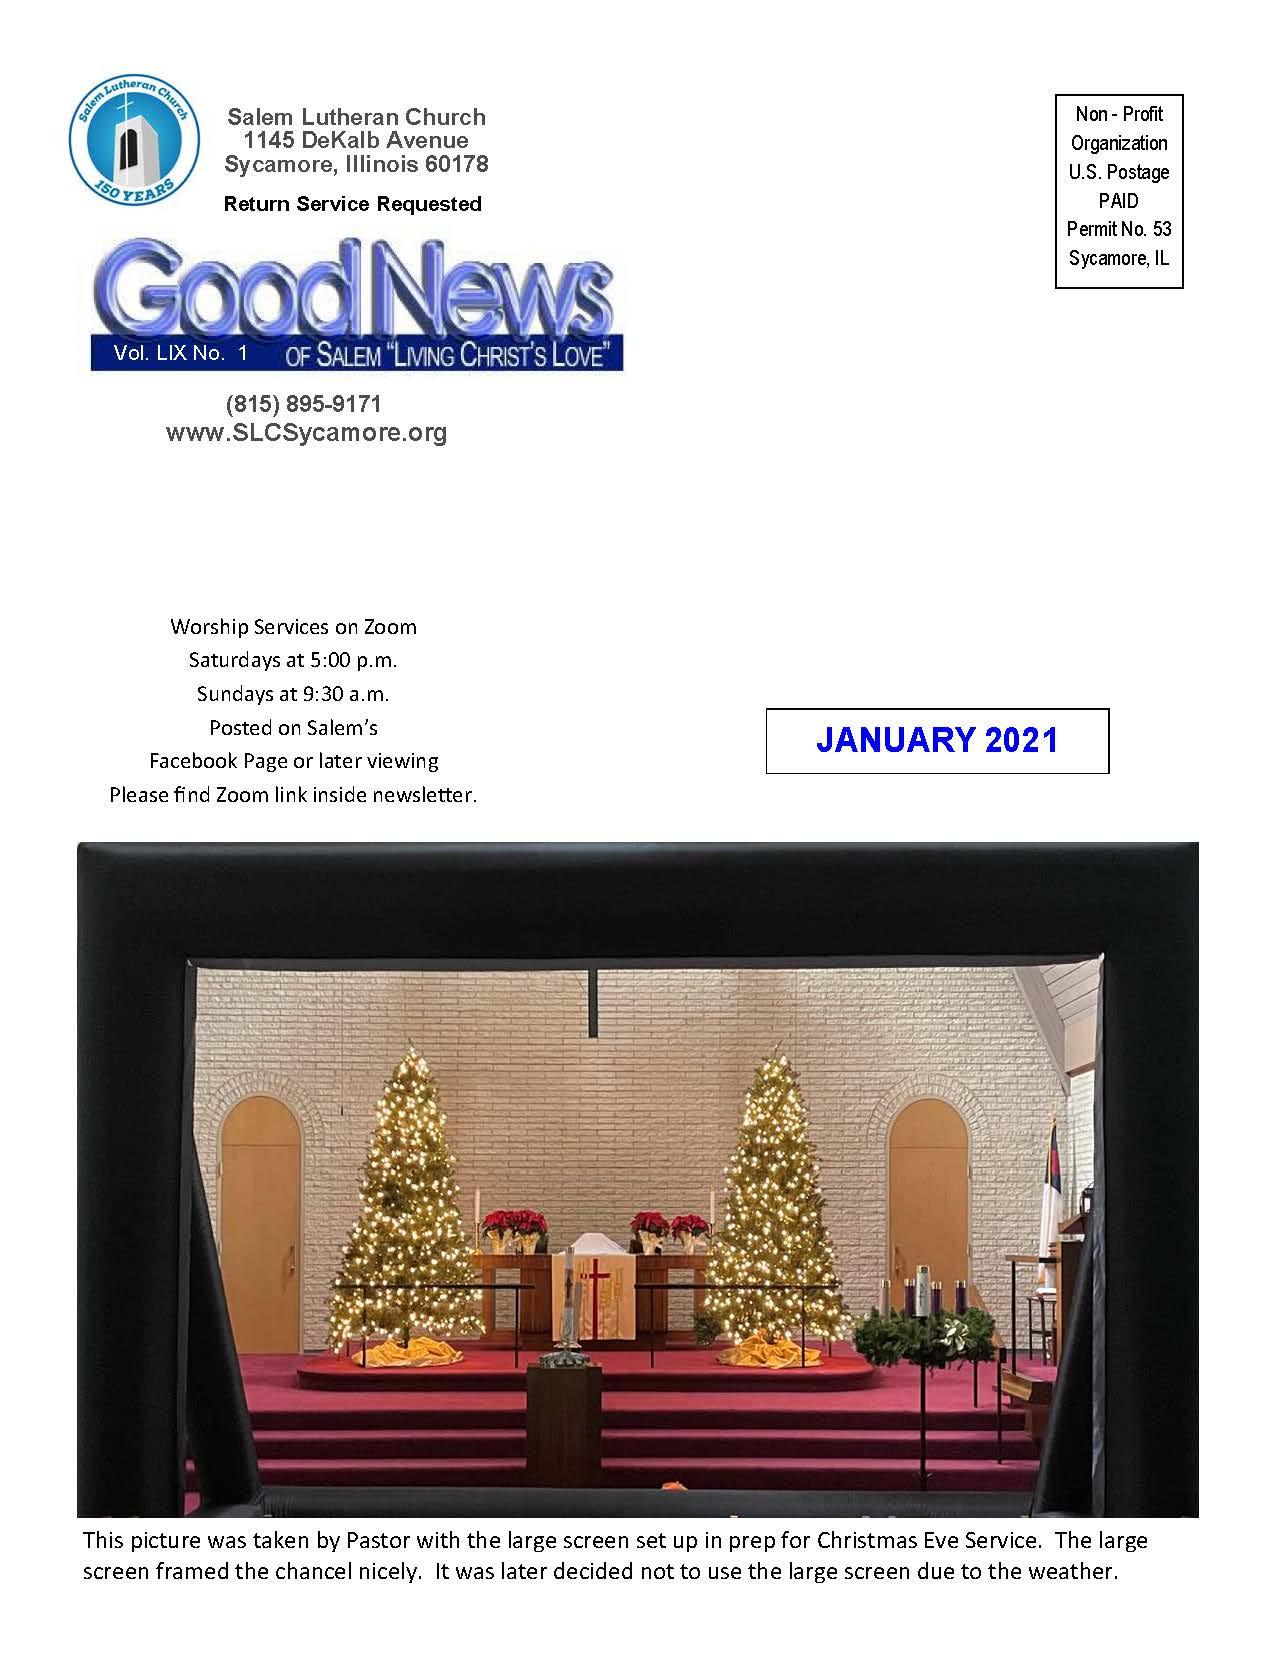 January 2021 Newsletter Cover